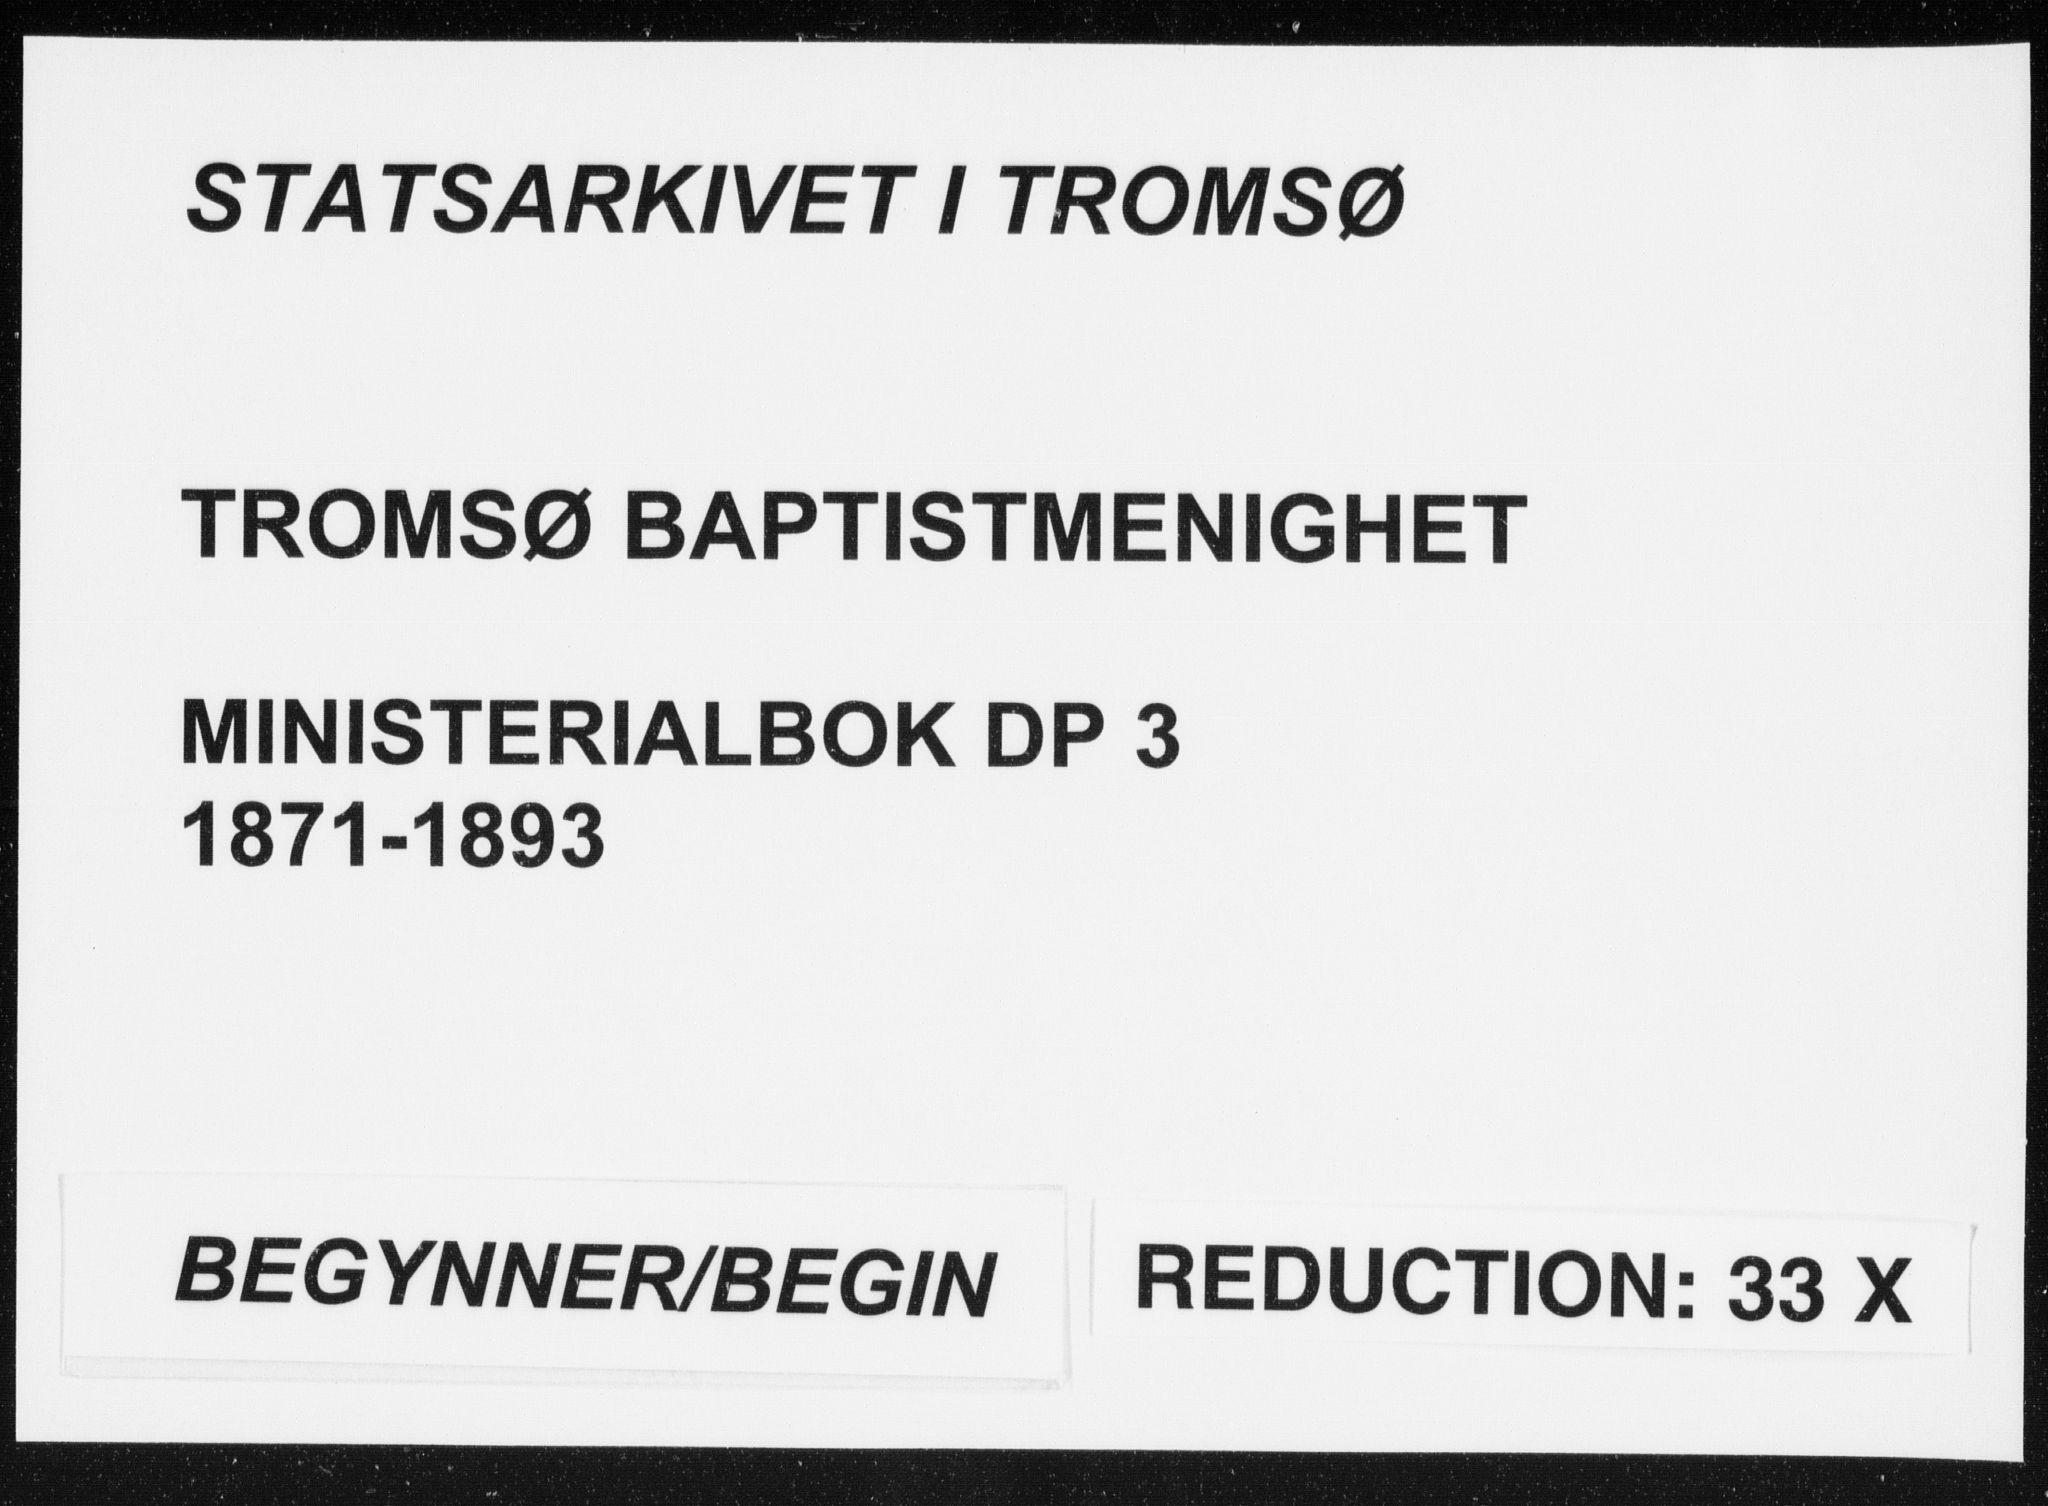 SATØ, Uten arkivreferanse, Dissenterprotokoll nr. DP 3, 1871-1893